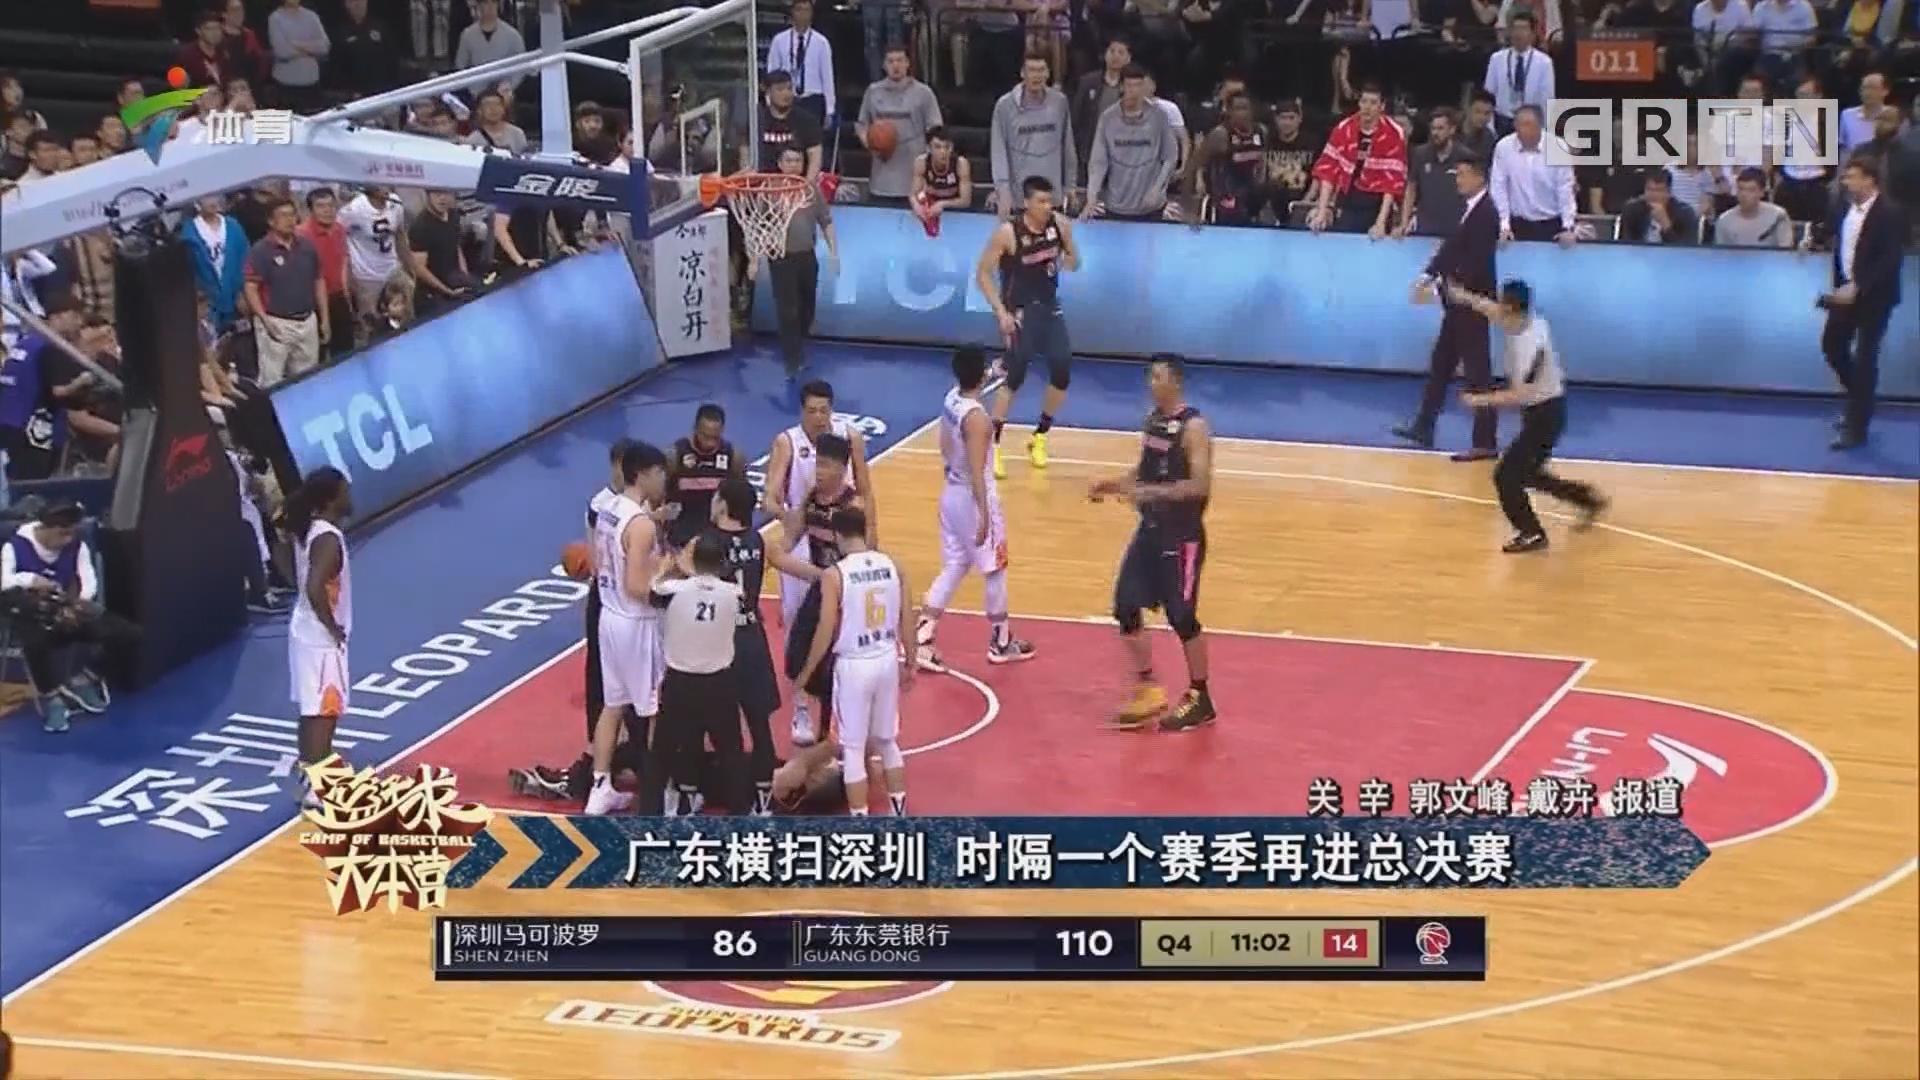 广东横扫深圳 时隔一个赛季再进总决赛